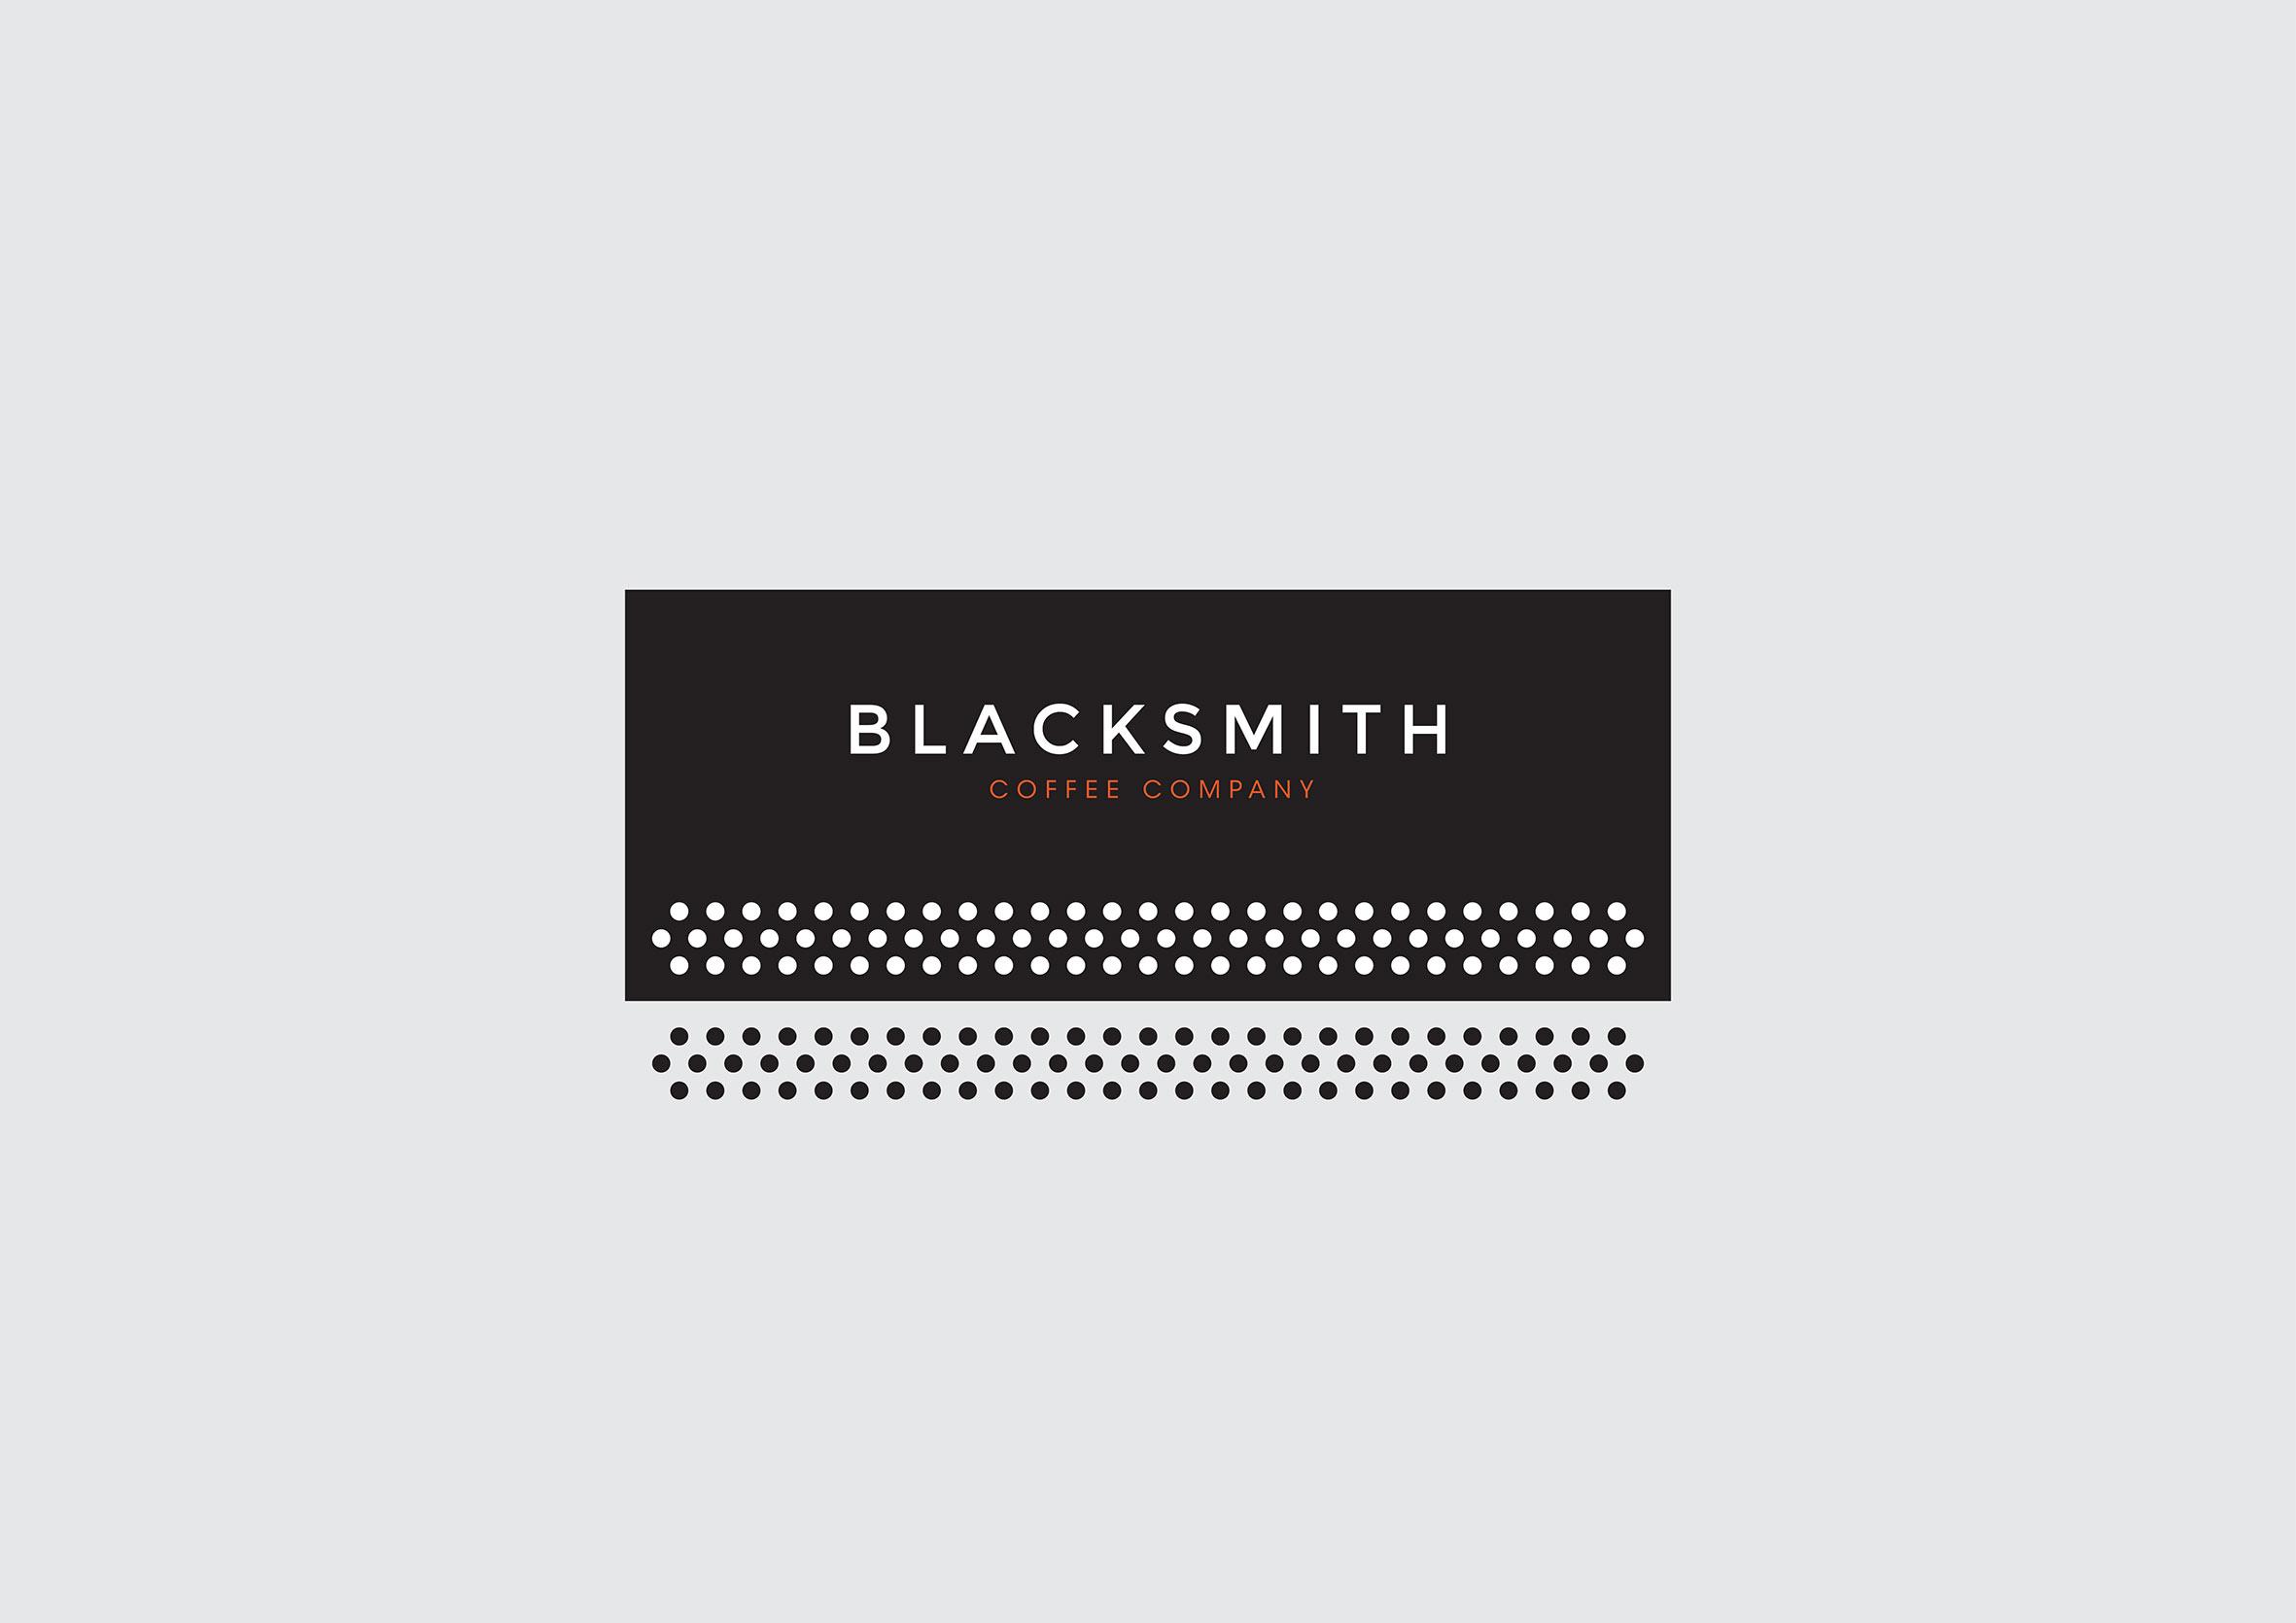 Blacksmith-identite-branding-logo.jpg